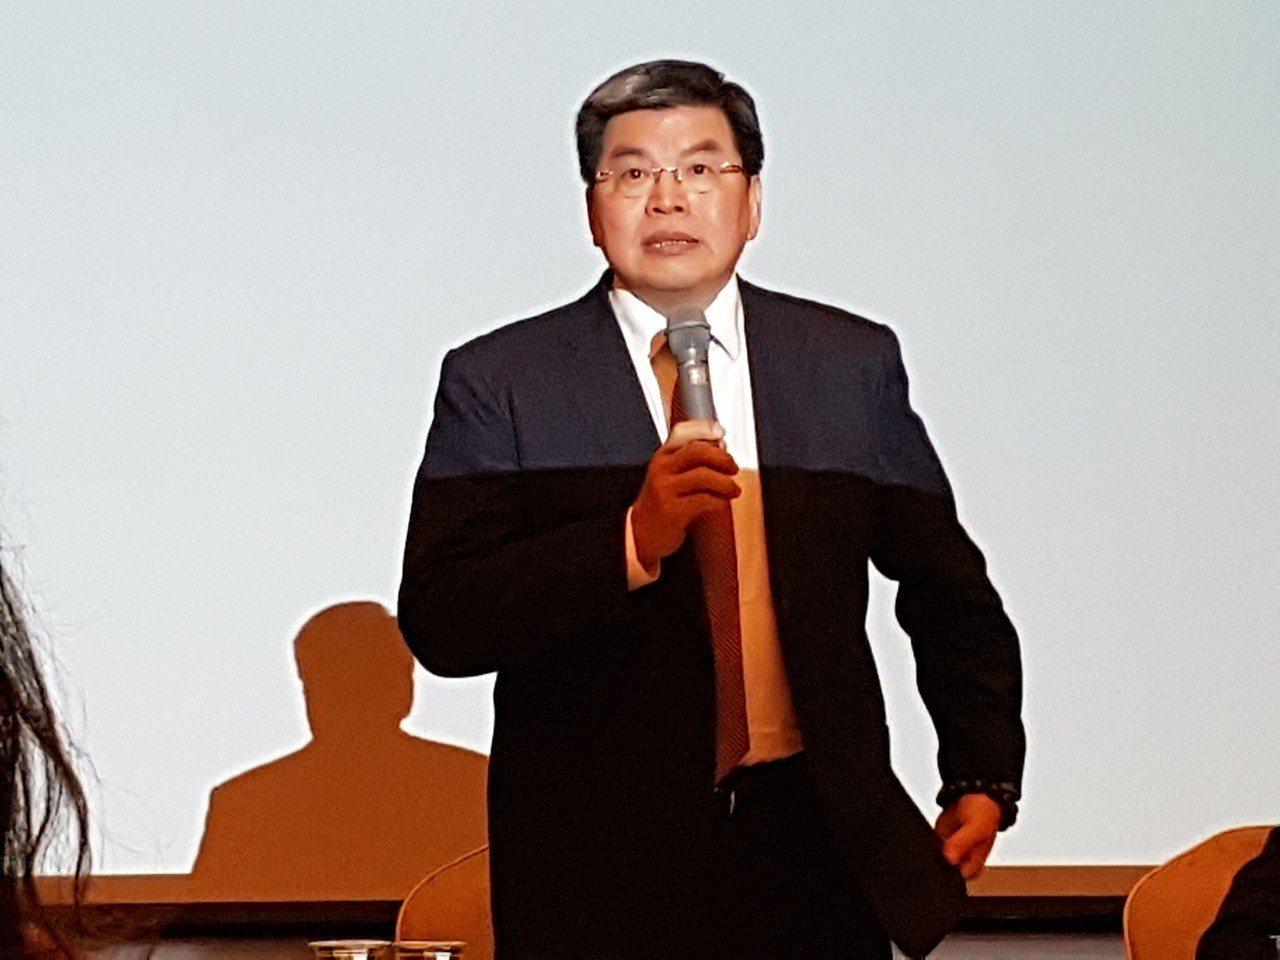 國泰金控總理李長庚指出,選後拚經濟絕對是首要之務。圖為李長庚日前主持法說會。 聯...